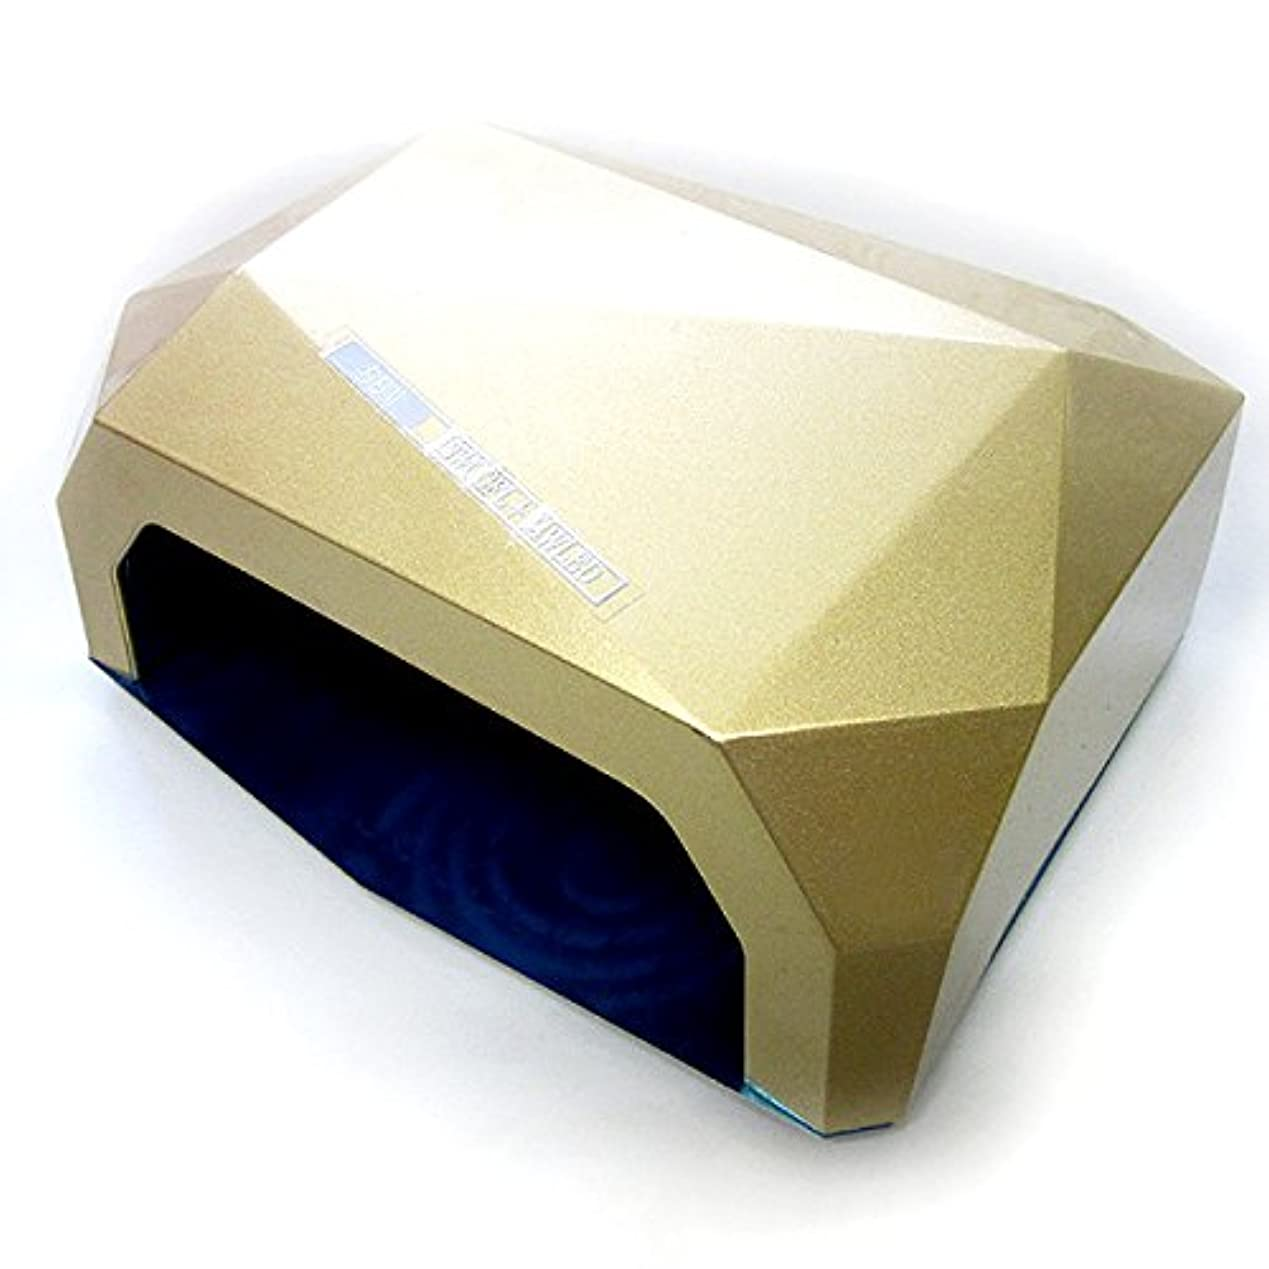 建築ハーブ却下する【アウトレット品】 fairylace スーパー UVライト36W FL12W+LED24W ジェルネイル UVレジンクラフト用 本体カラー:ゴールド